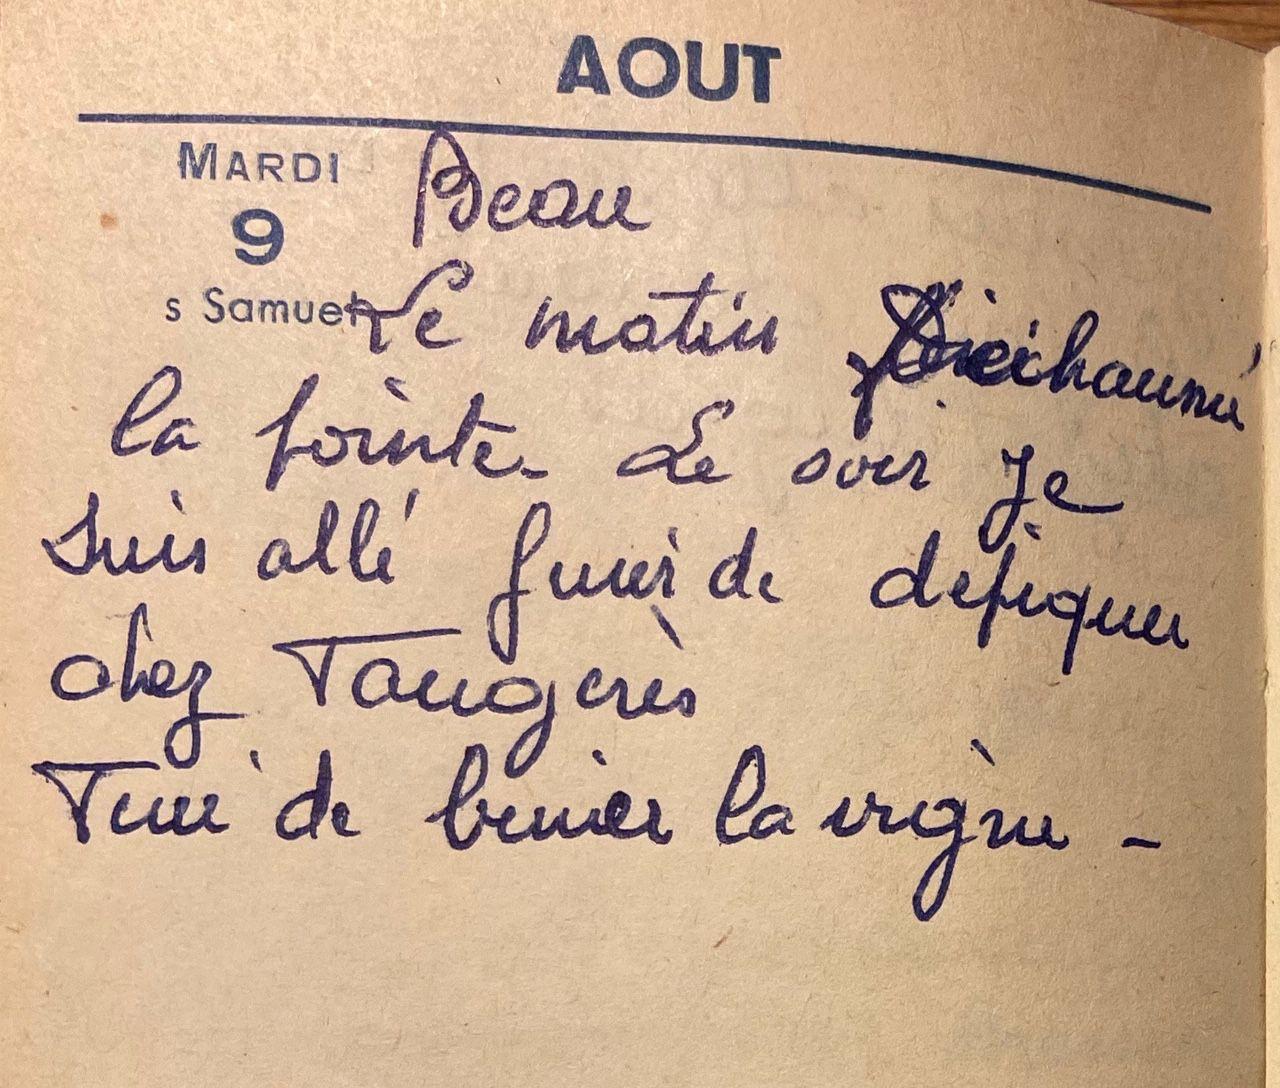 Mardi 9 août 1960 - la vigne et le blé